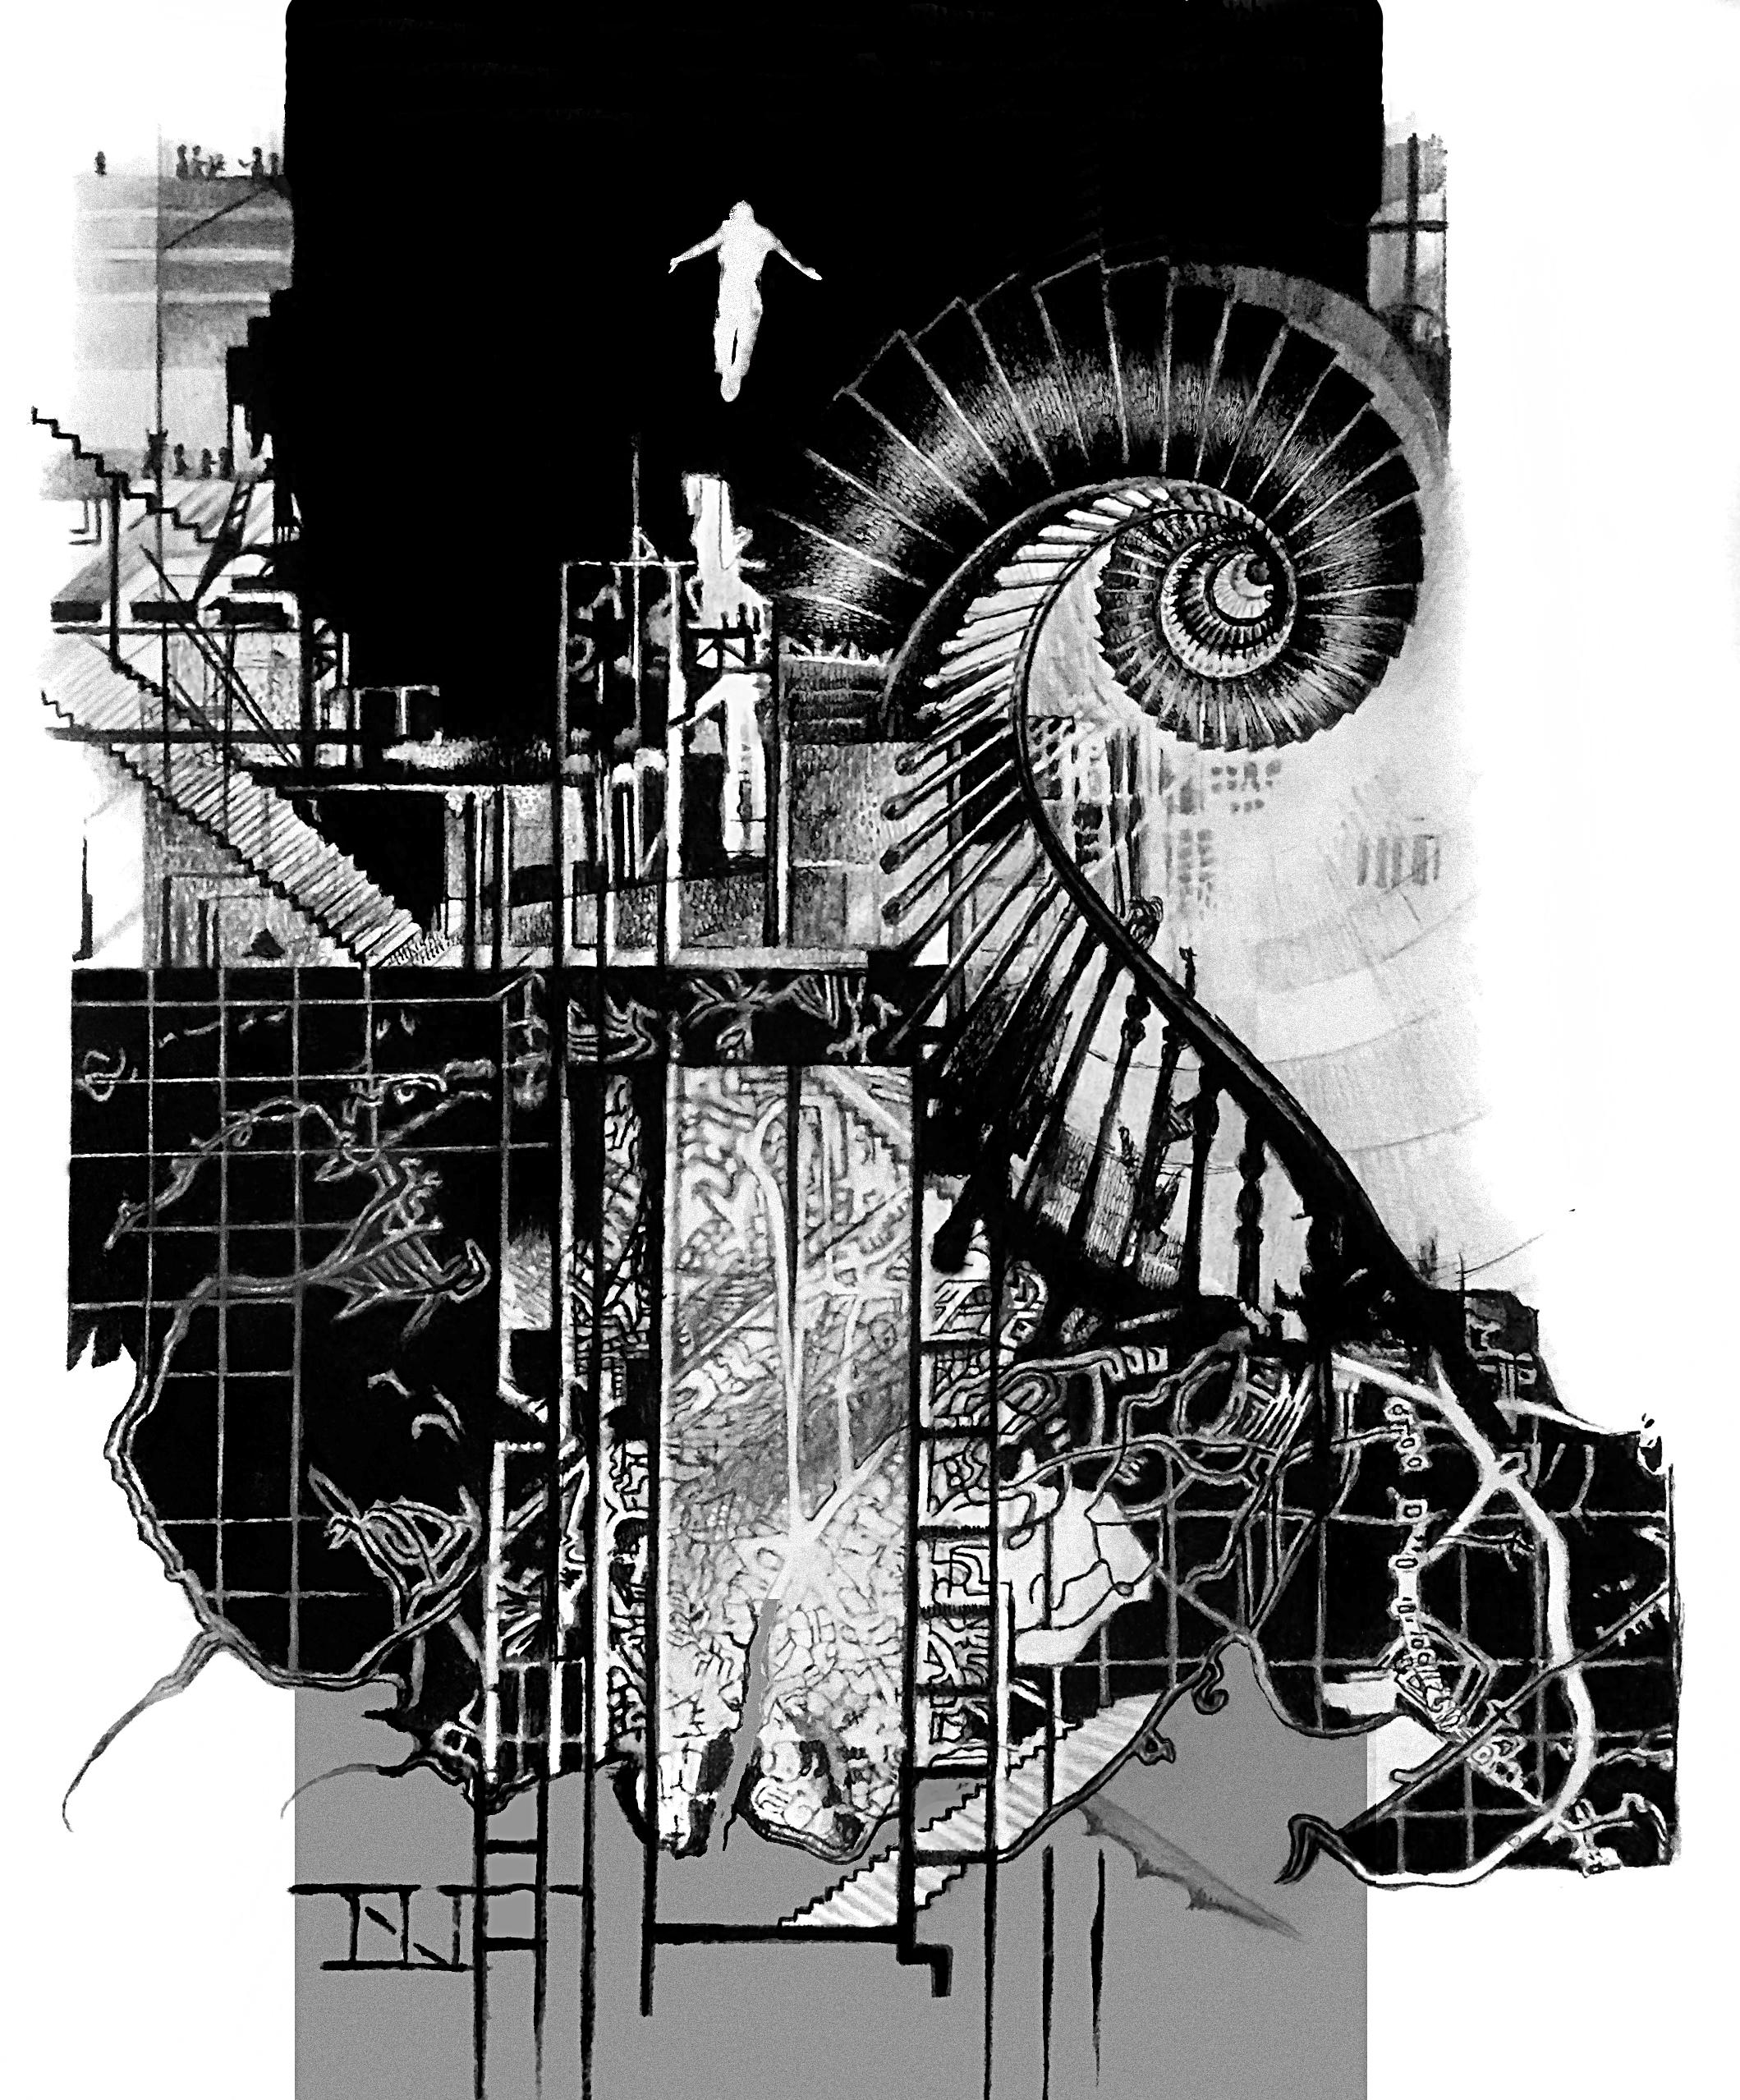 Department of Dreams by Jeton Neziraj